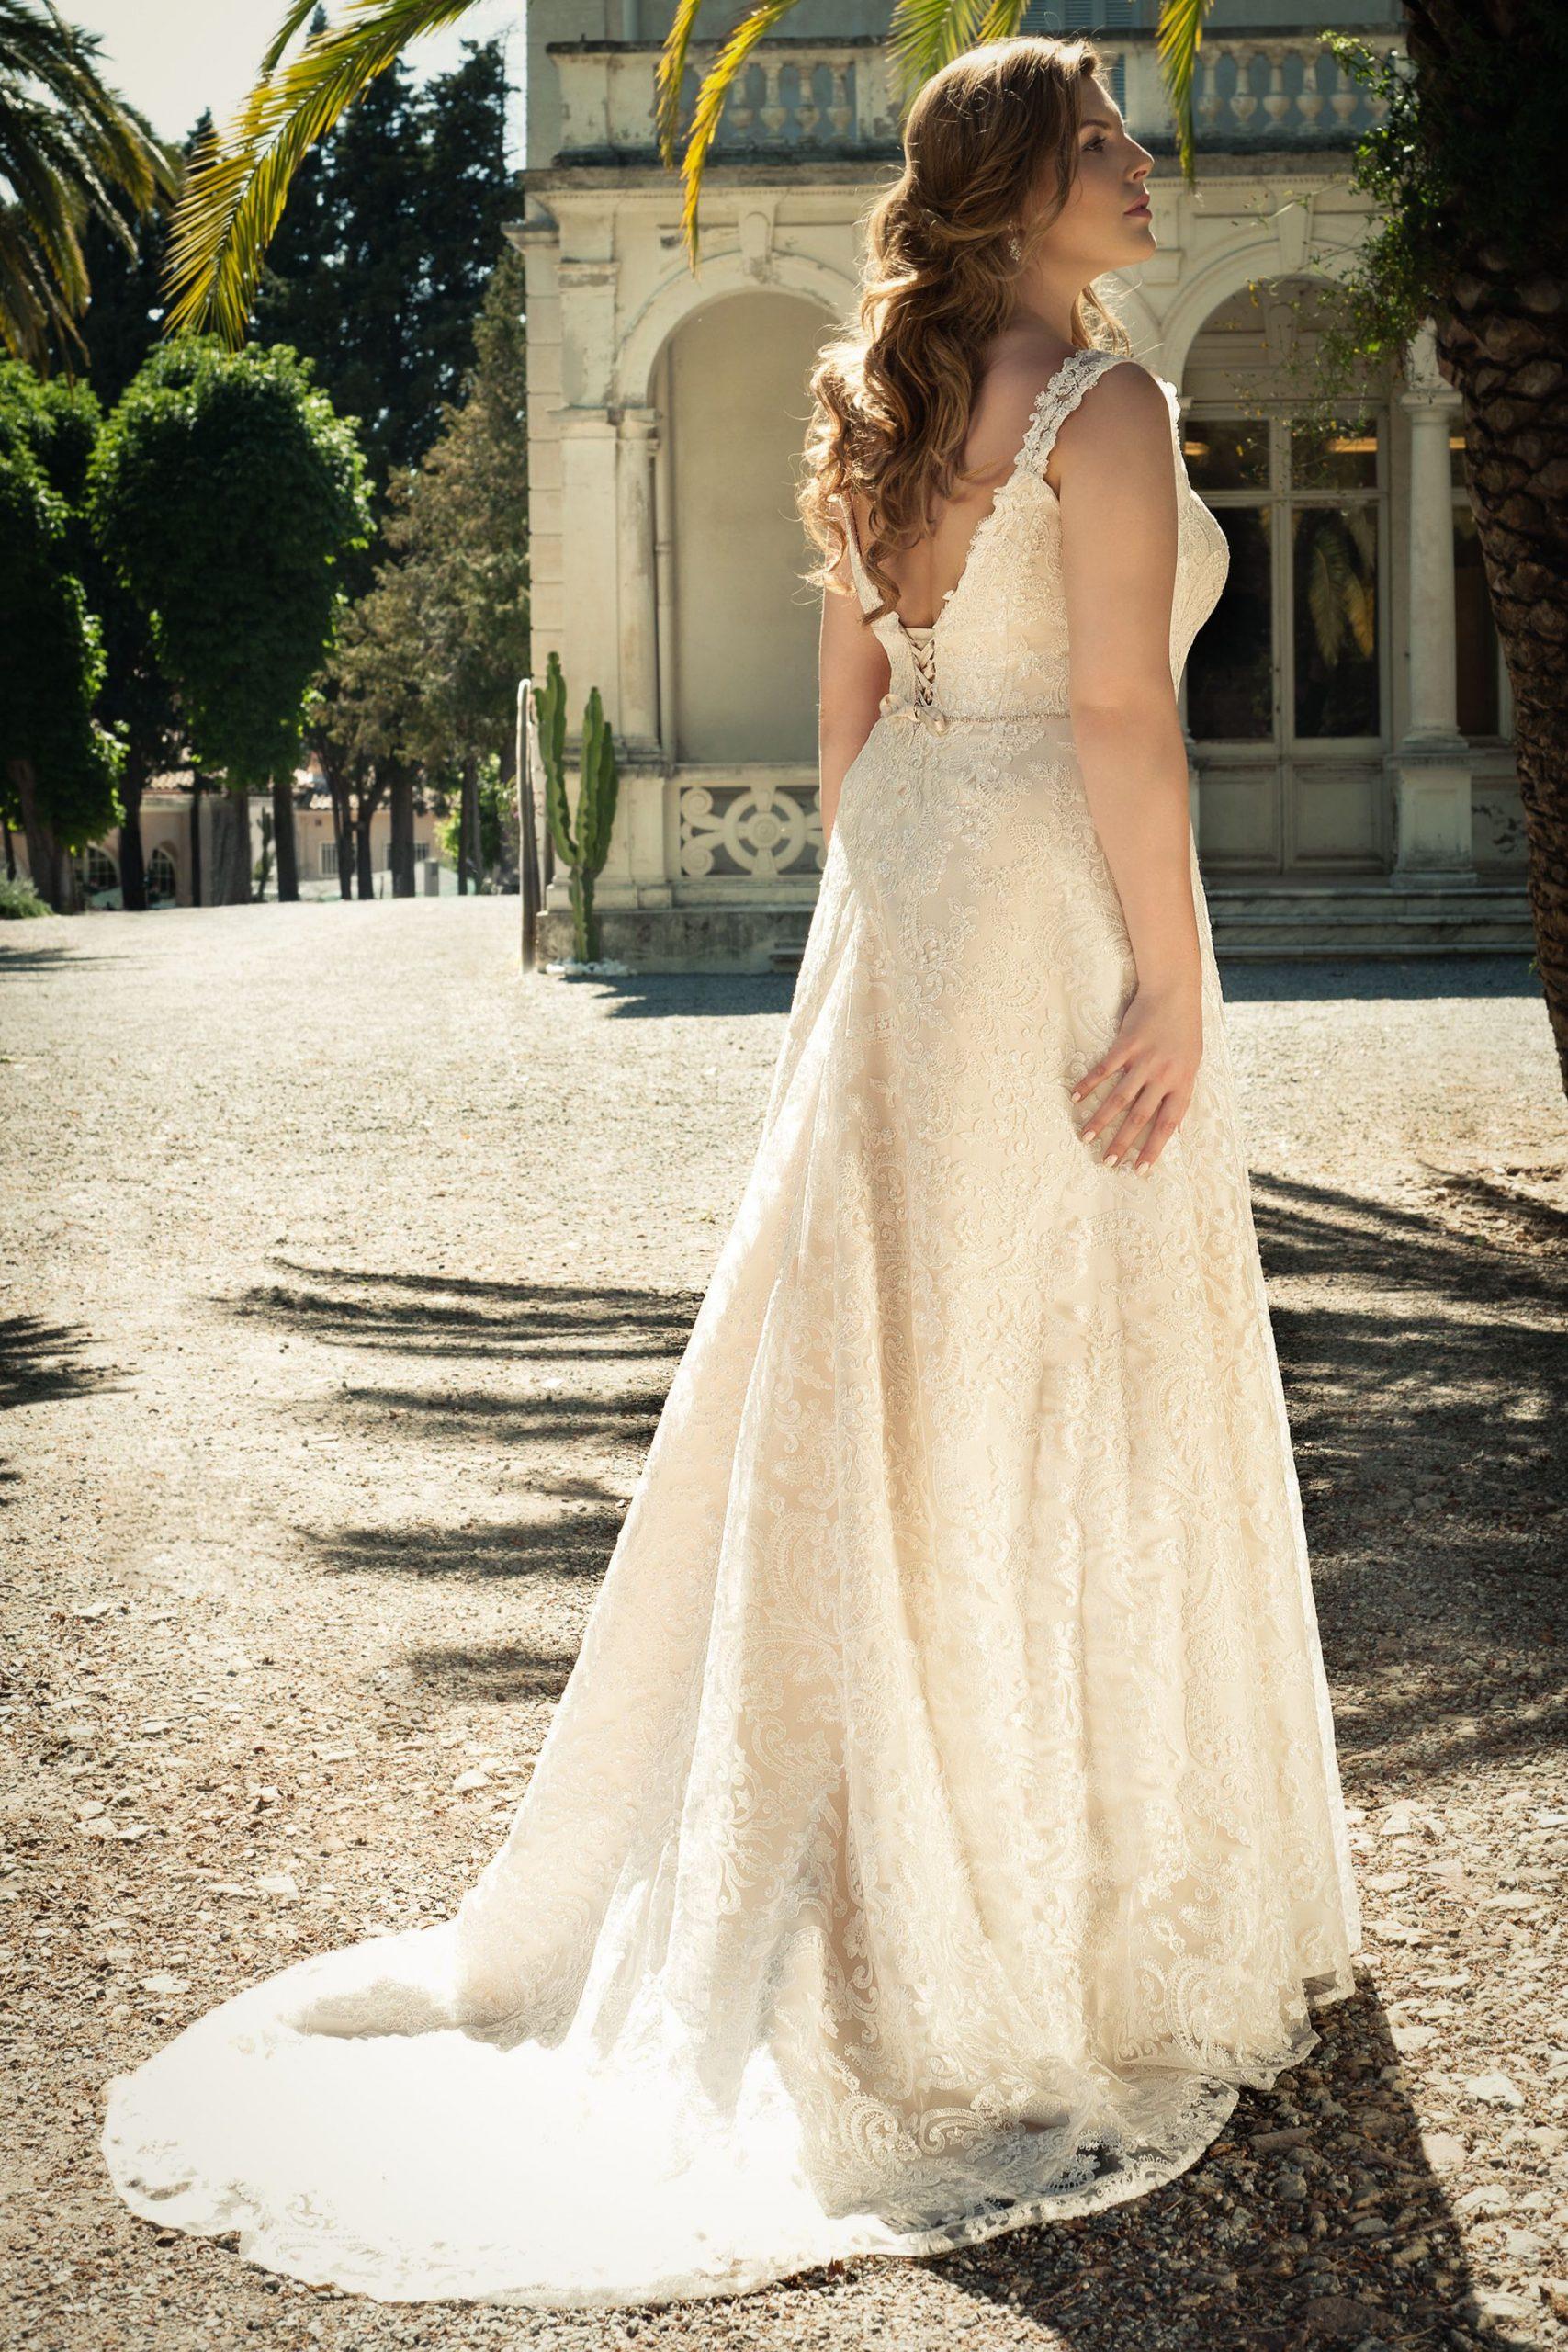 Langes Spitzenkleid Brautkleid Große Größen Ivory Beige